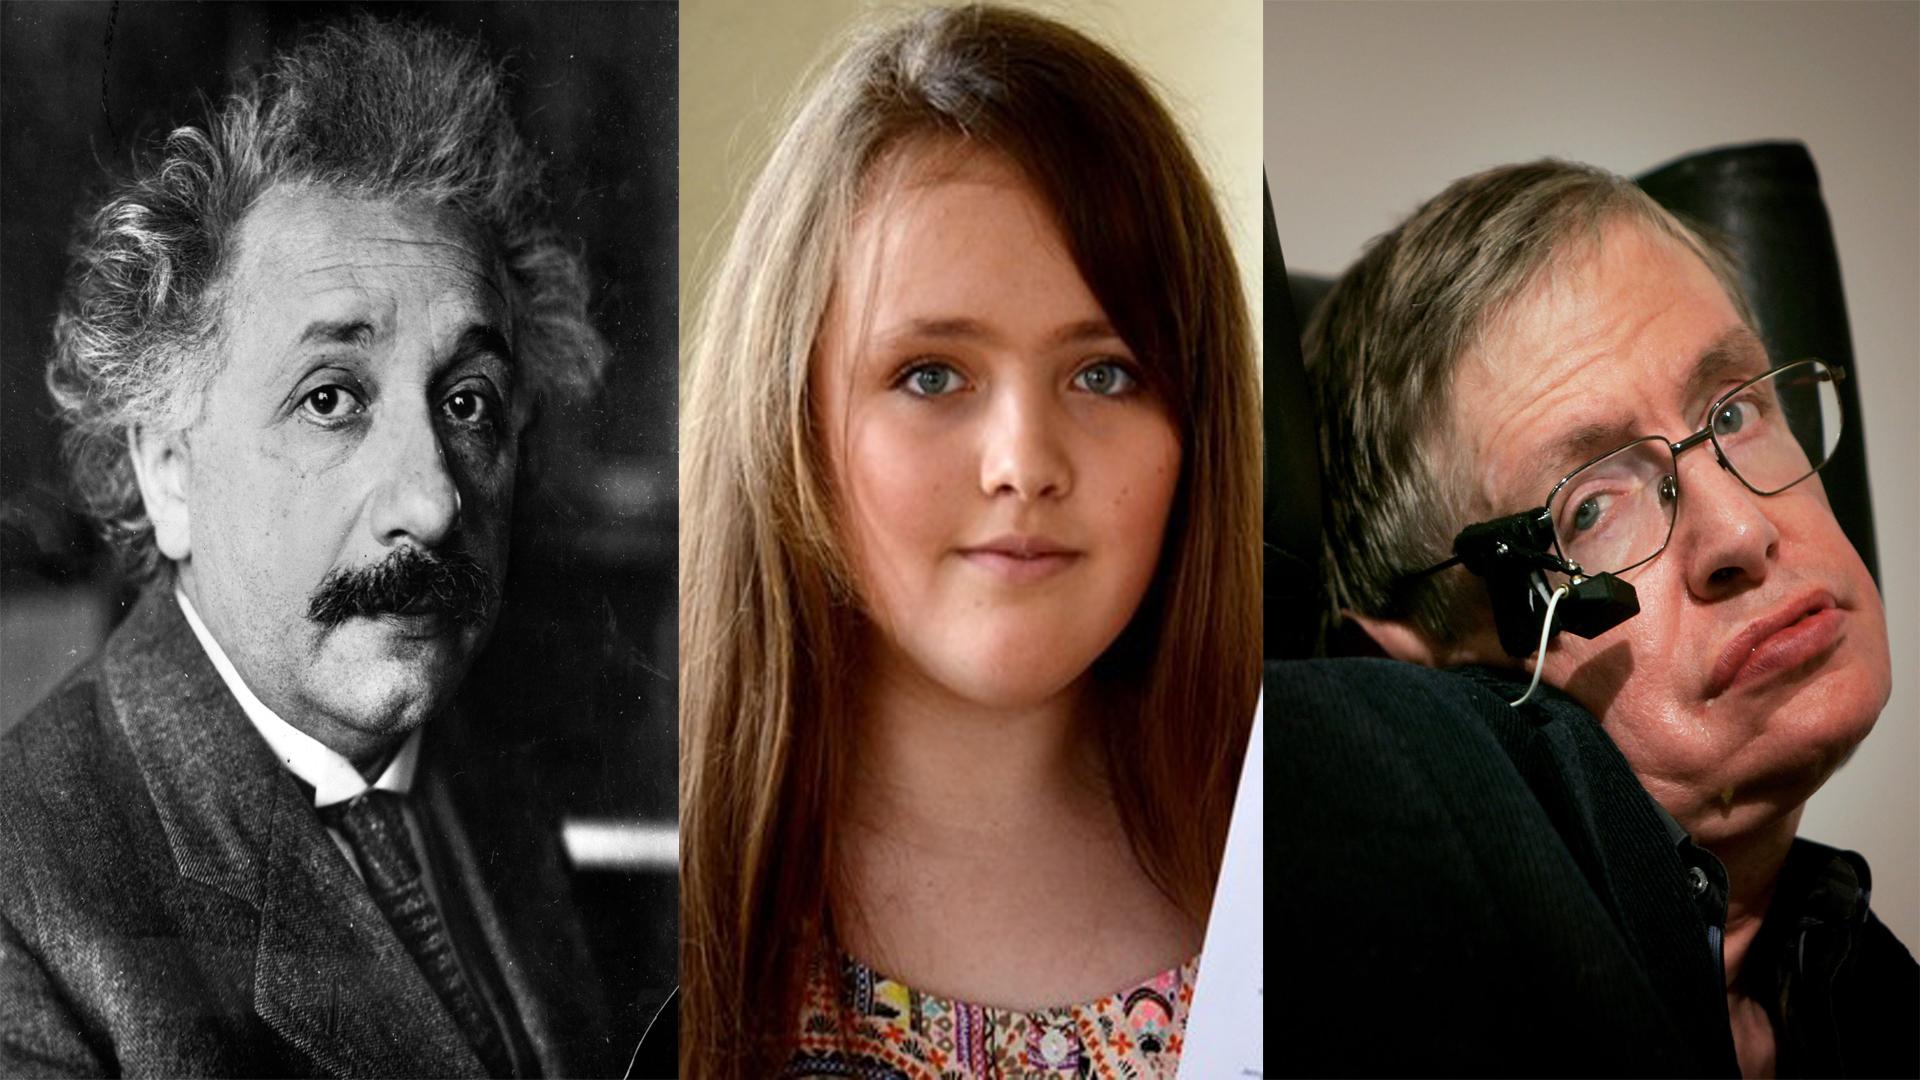 Niña De 12 Años Supera El Coeficiente Intelectual De Albert Einstein Y Stephen Hawking